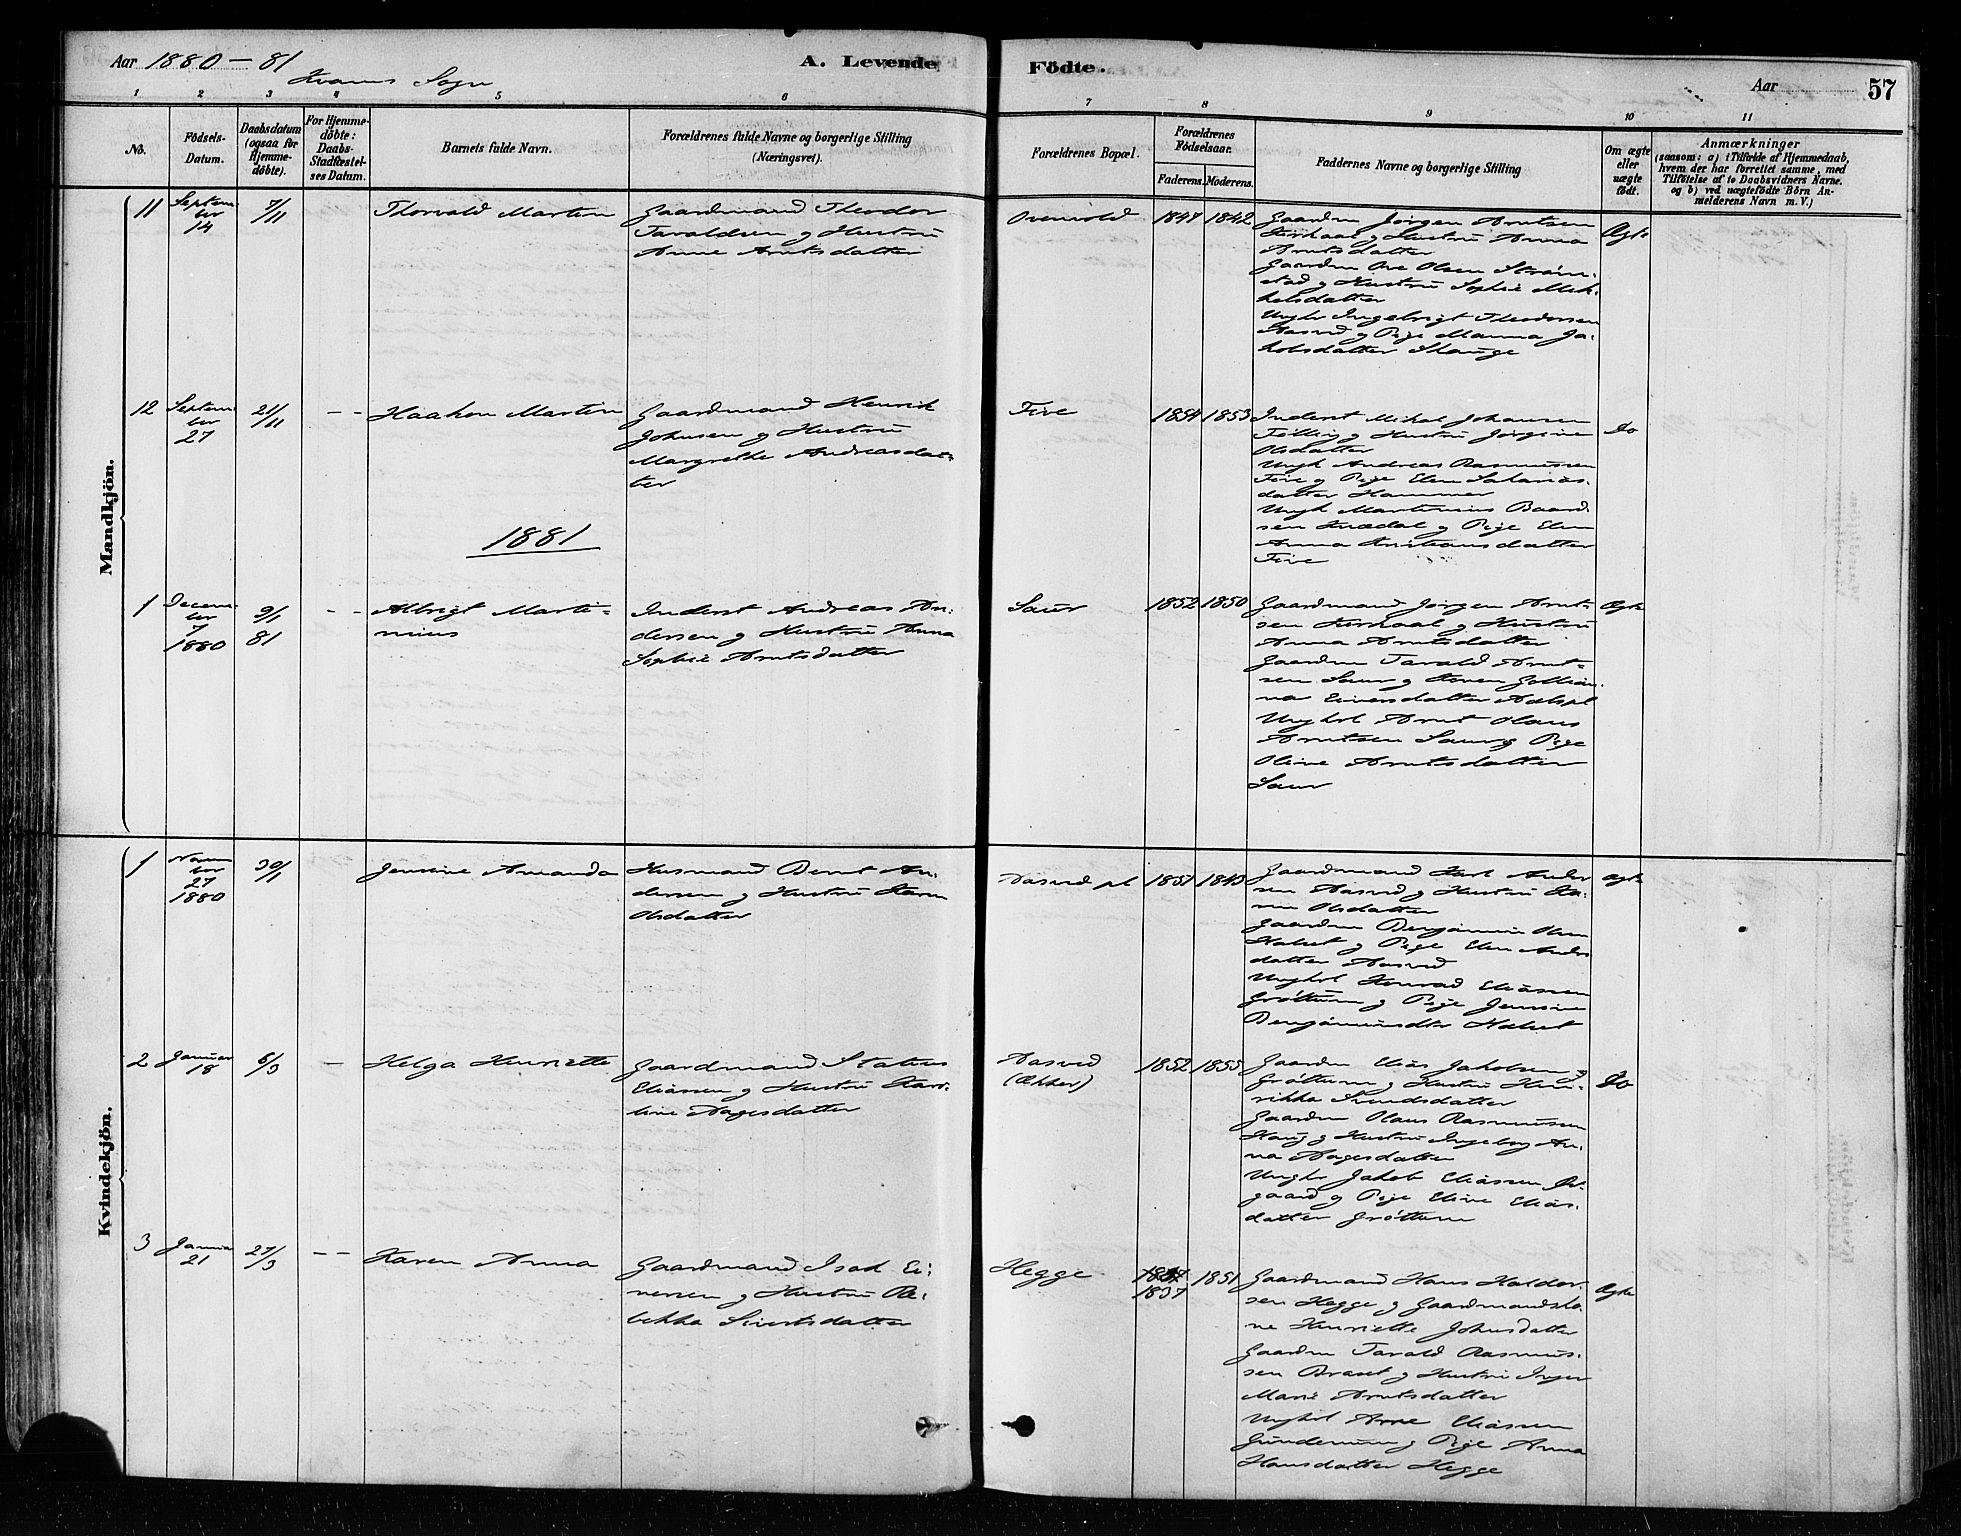 SAT, Ministerialprotokoller, klokkerbøker og fødselsregistre - Nord-Trøndelag, 746/L0449: Ministerialbok nr. 746A07 /2, 1878-1899, s. 57